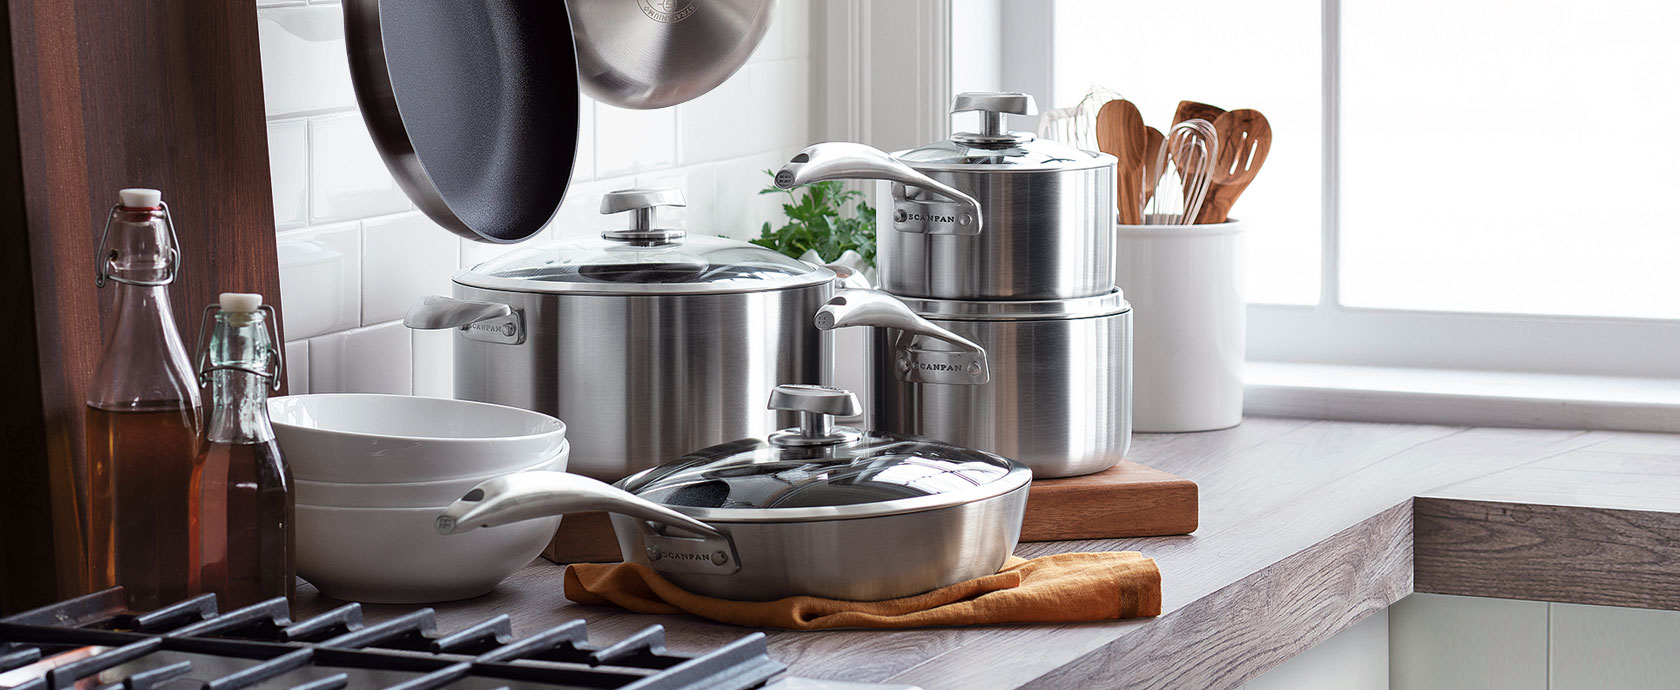 Scanpan CS+ nonstick cookware